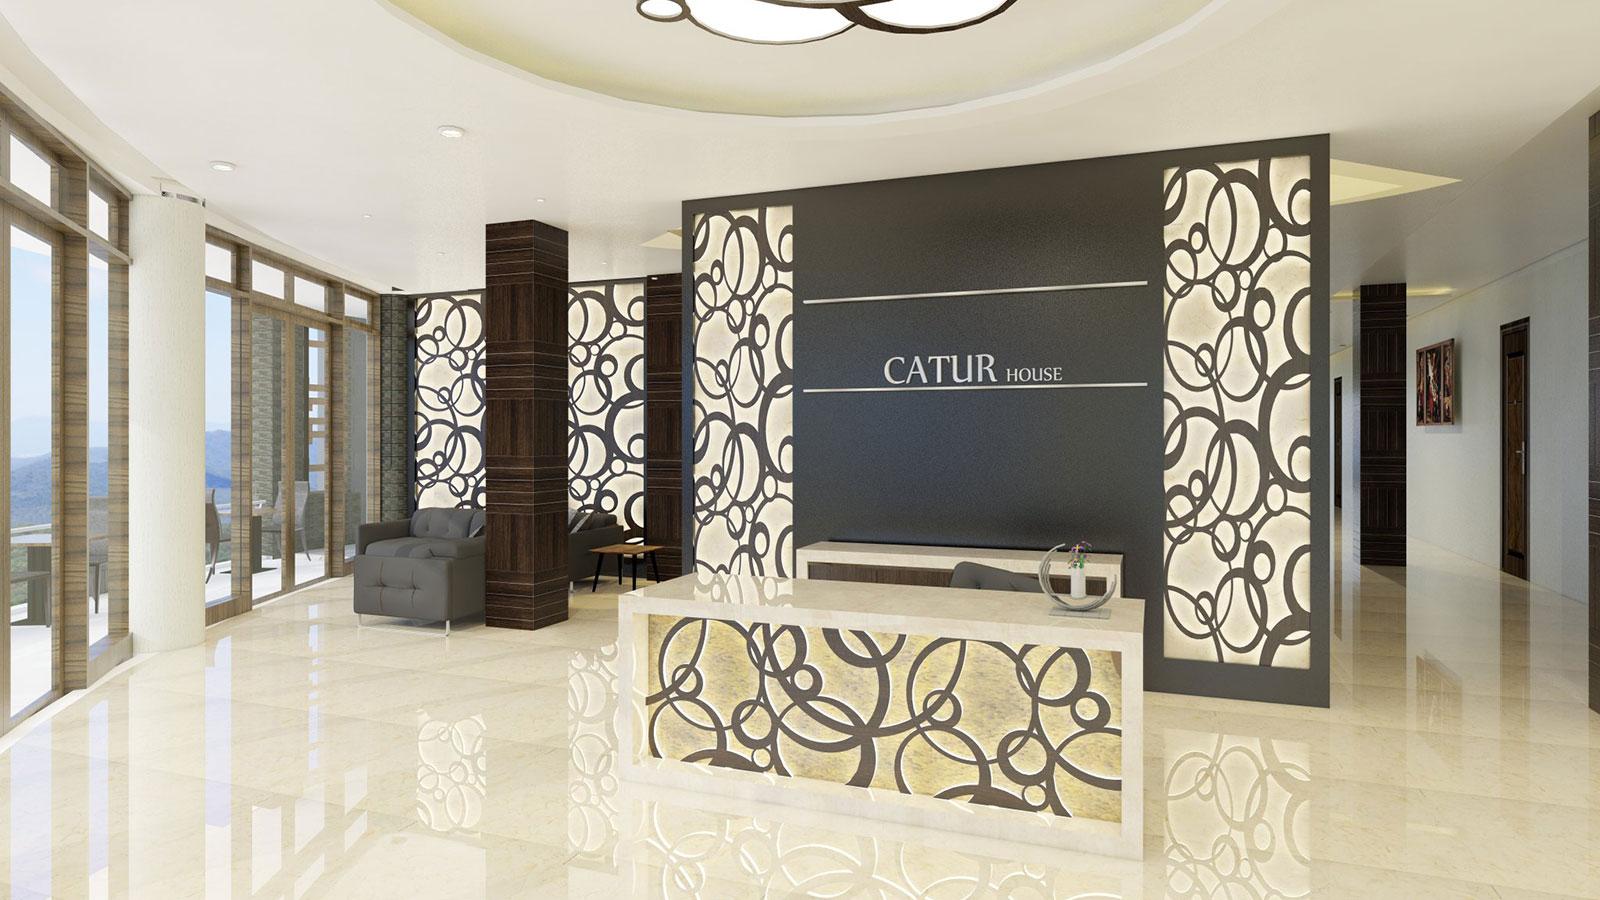 Catur Mansion